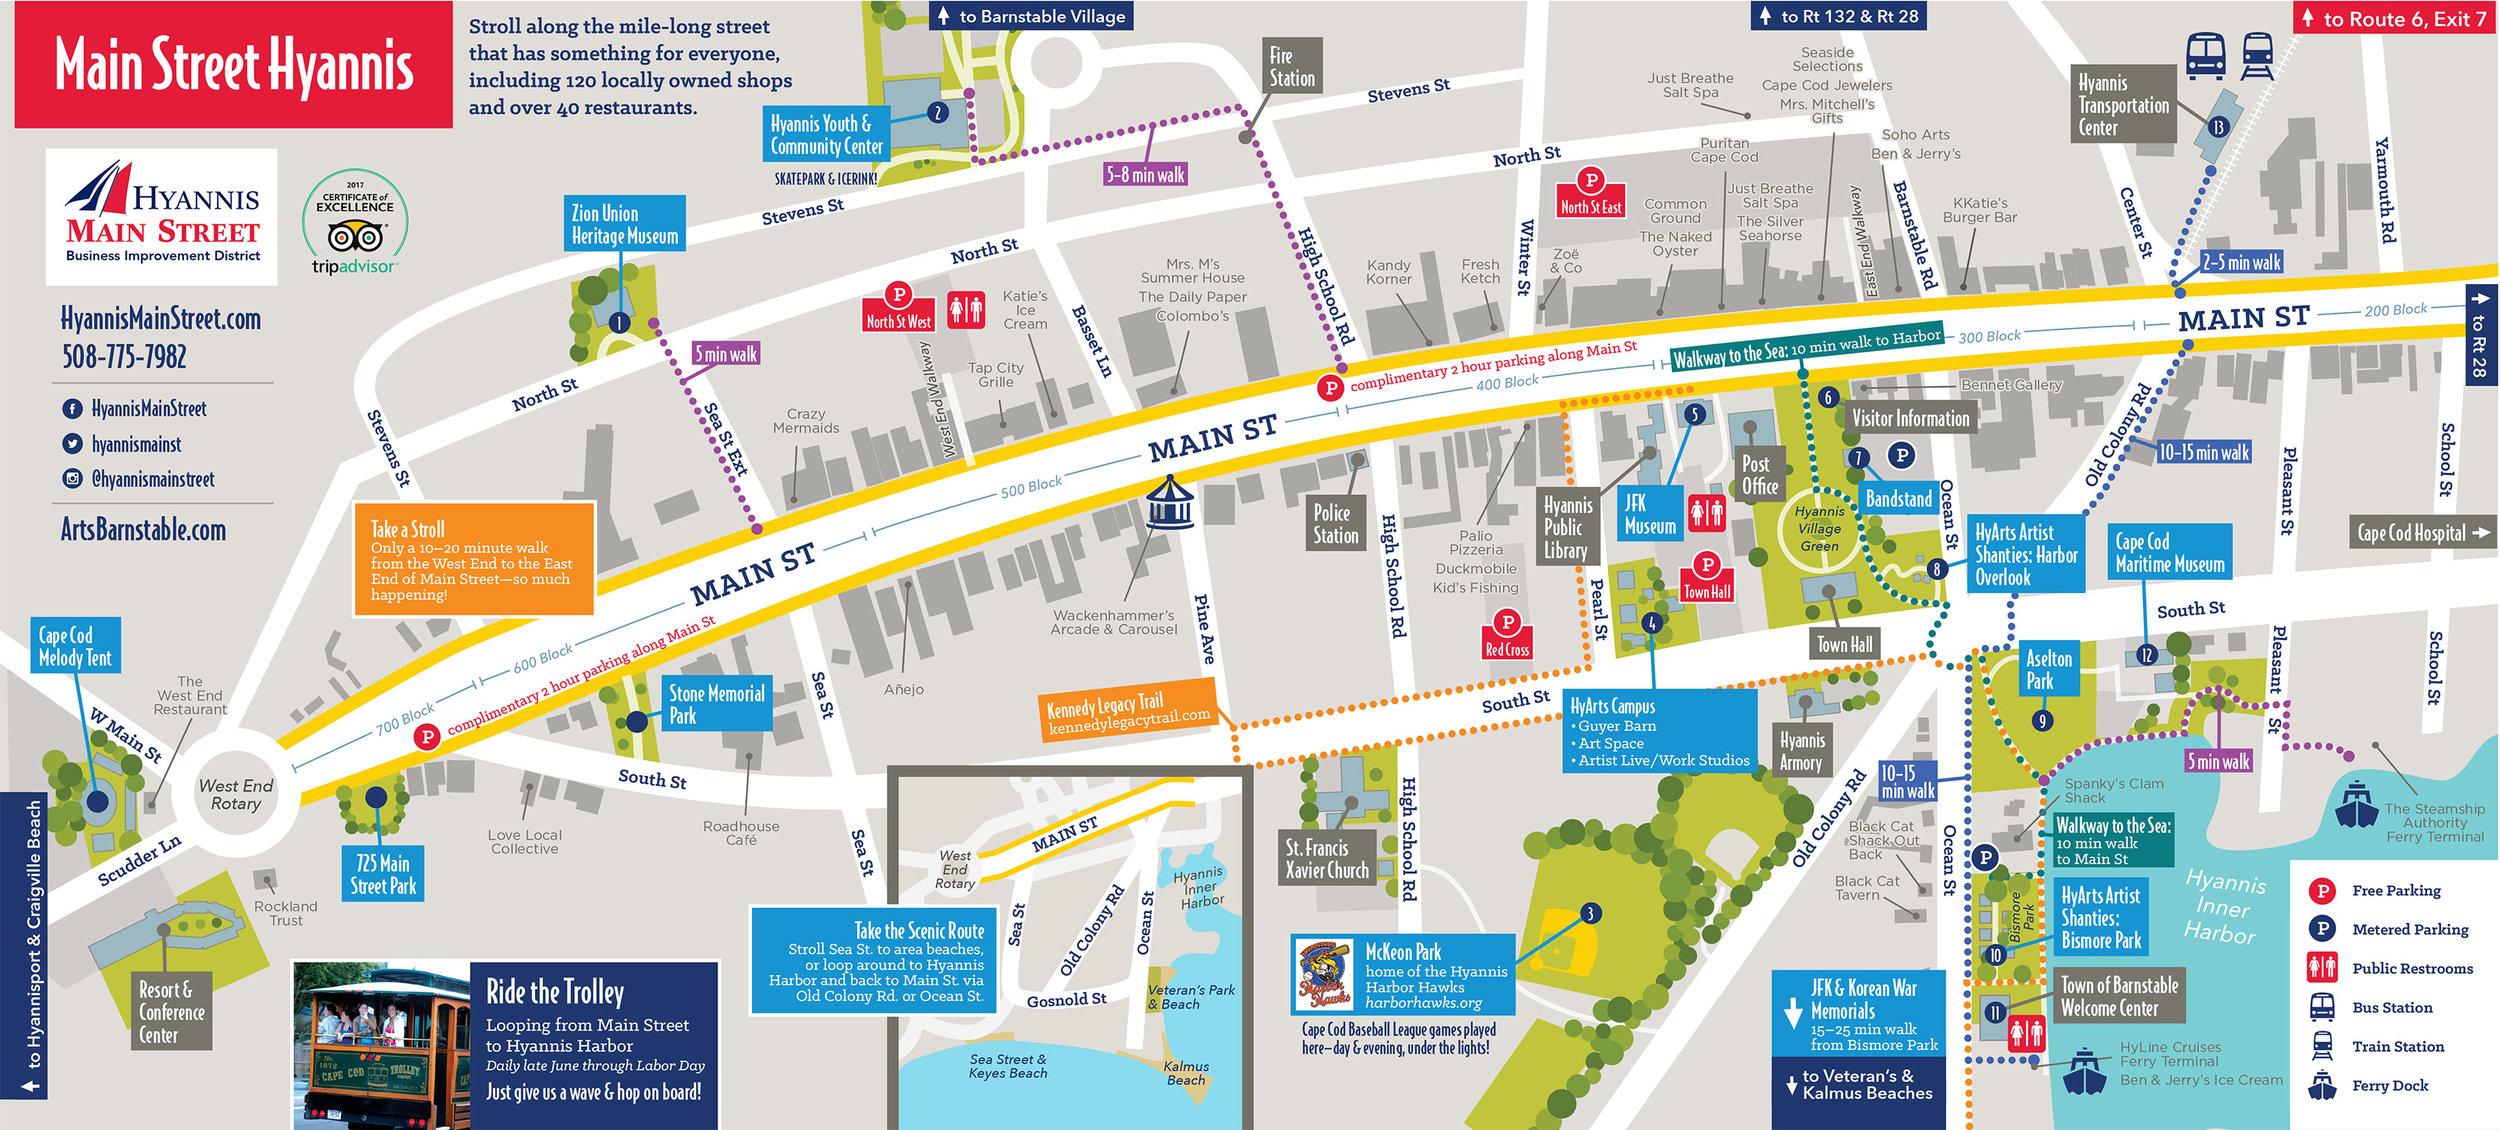 Main-st-Map.jpg